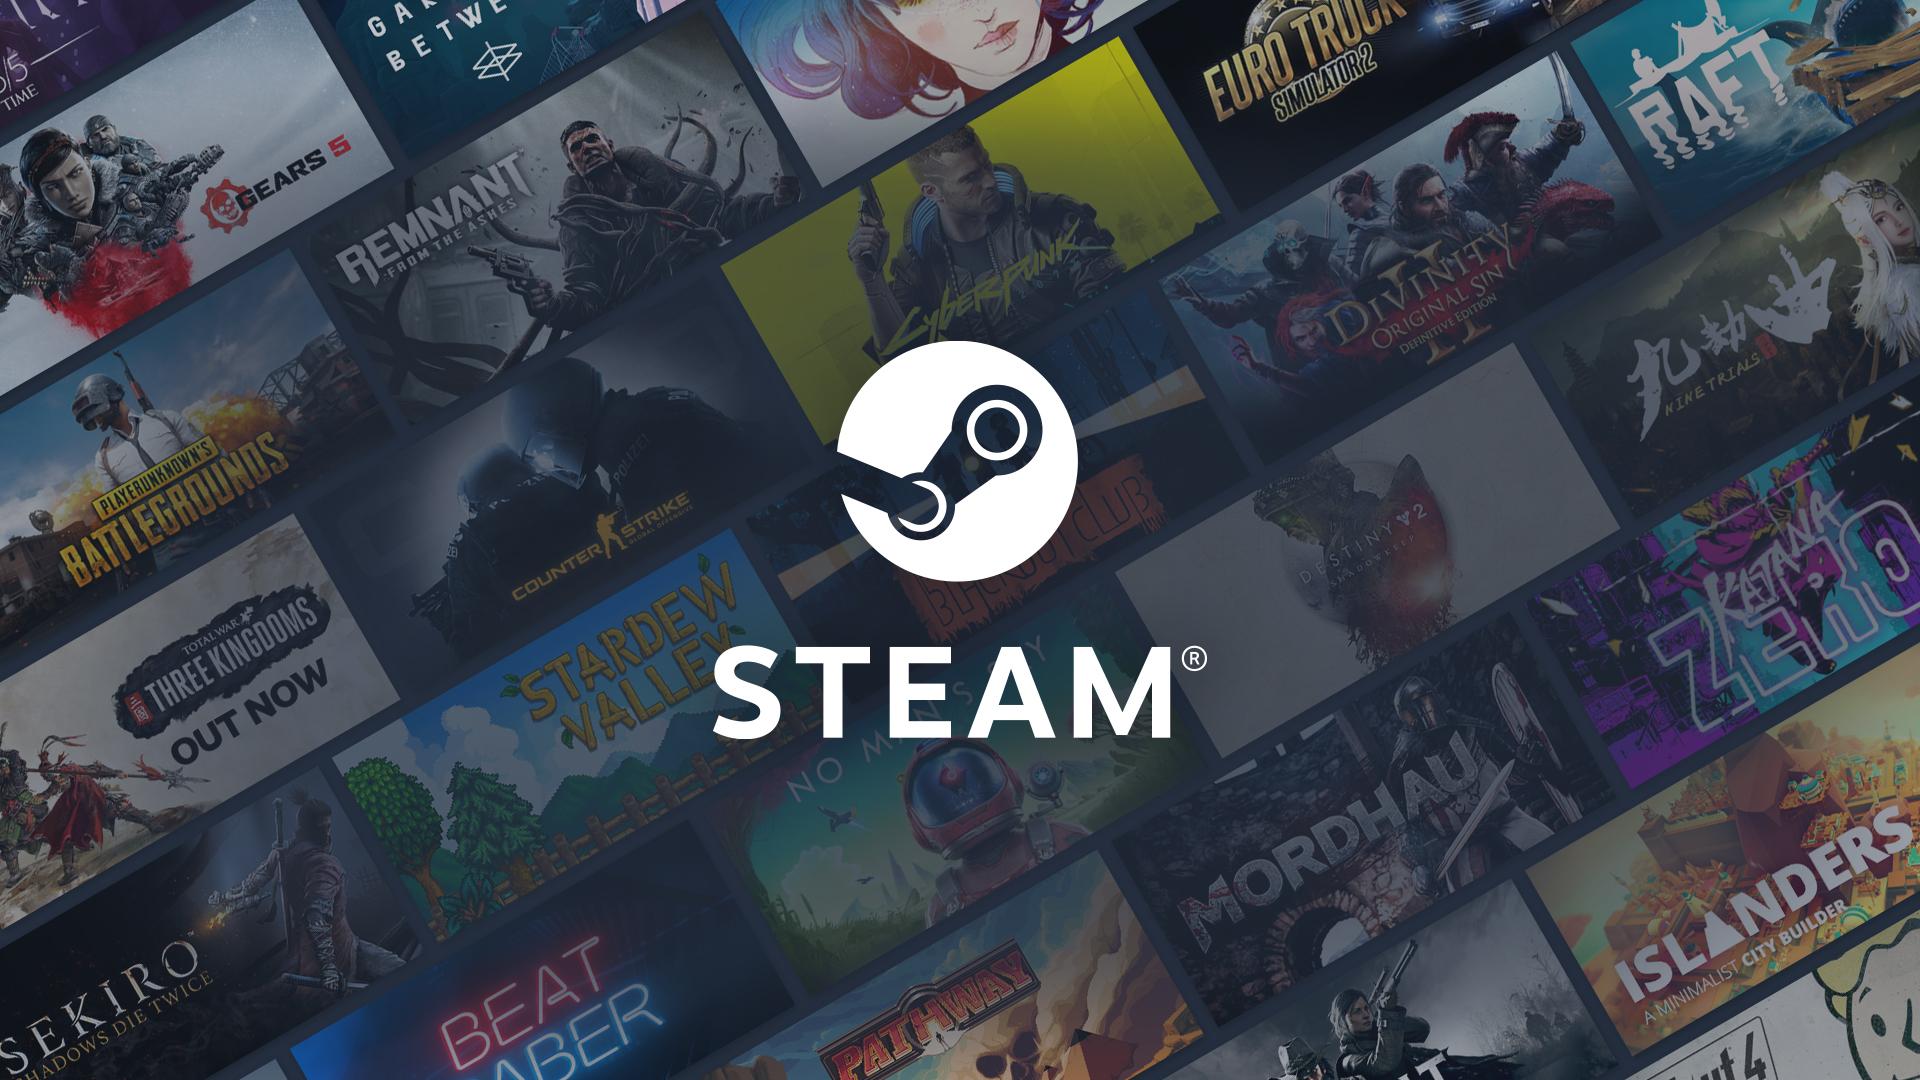 แบบสำรวจเผยผู้พัฒนาส่วนใหญ่ ไม่พอใจส่วนแบ่ง 30% ของ Steam เนื่องจากมันดูมากเกินไป